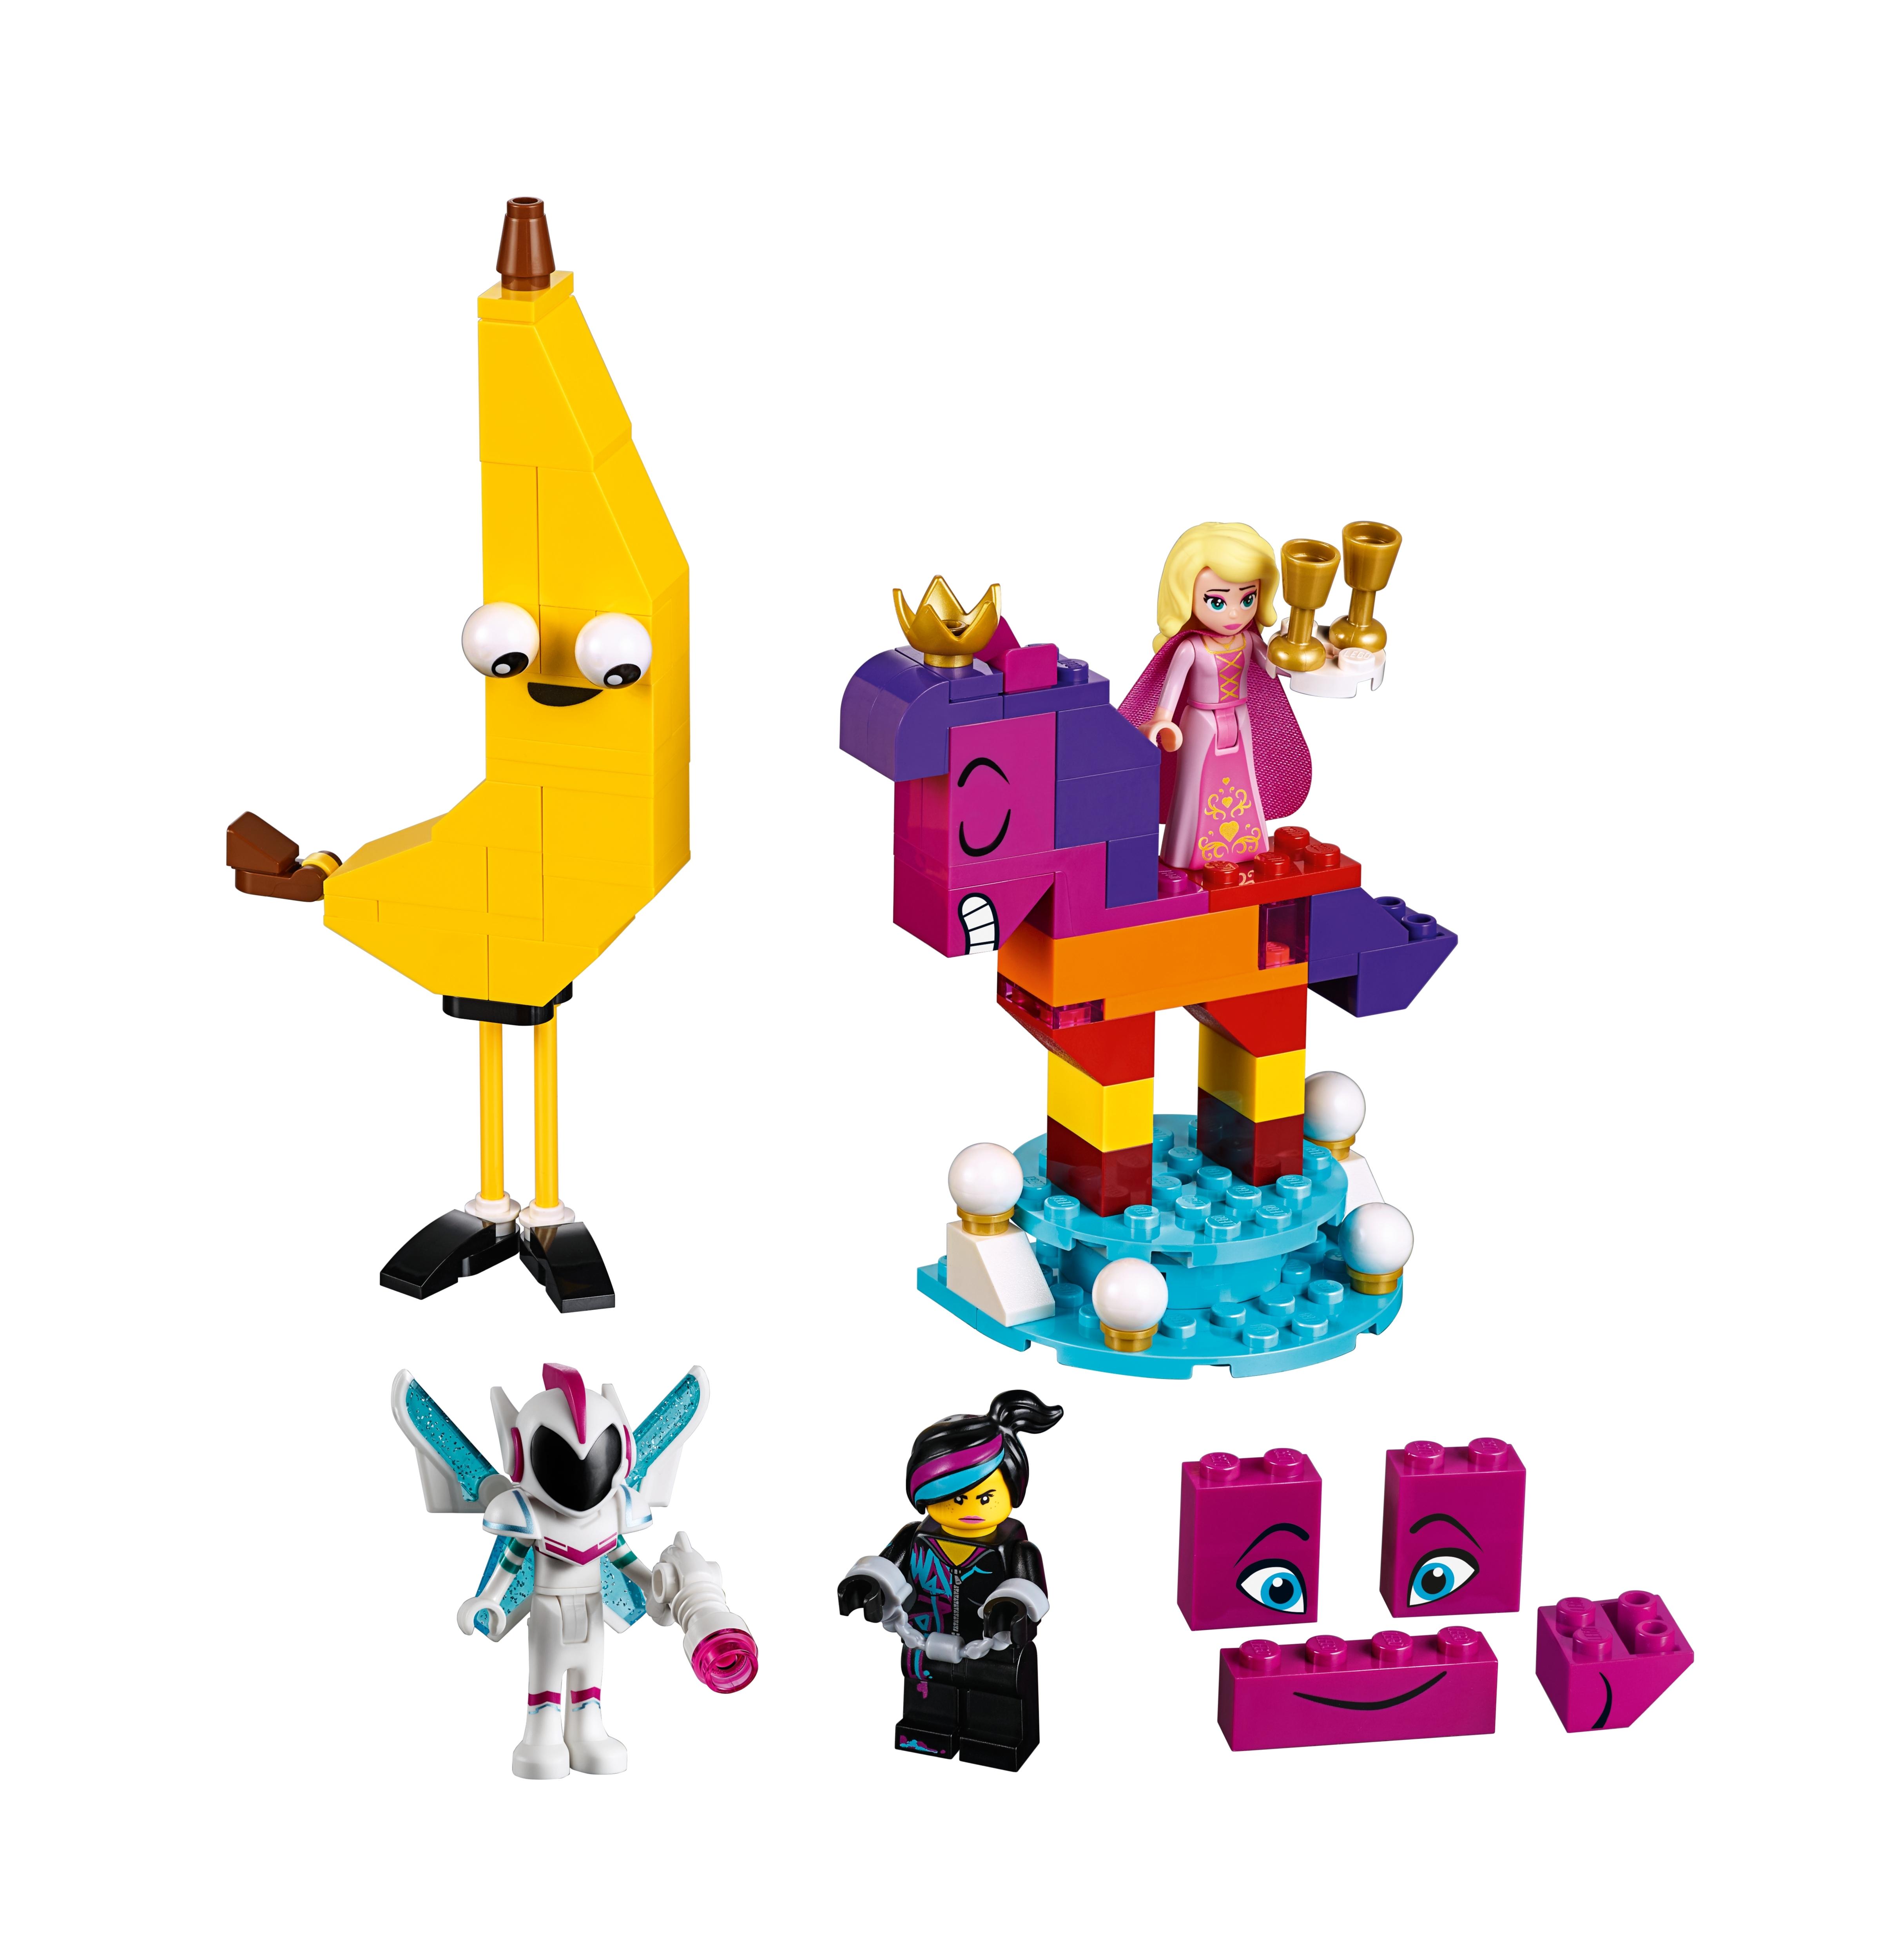 Lego The Lego Movie 2-70824 Figure-banarnar